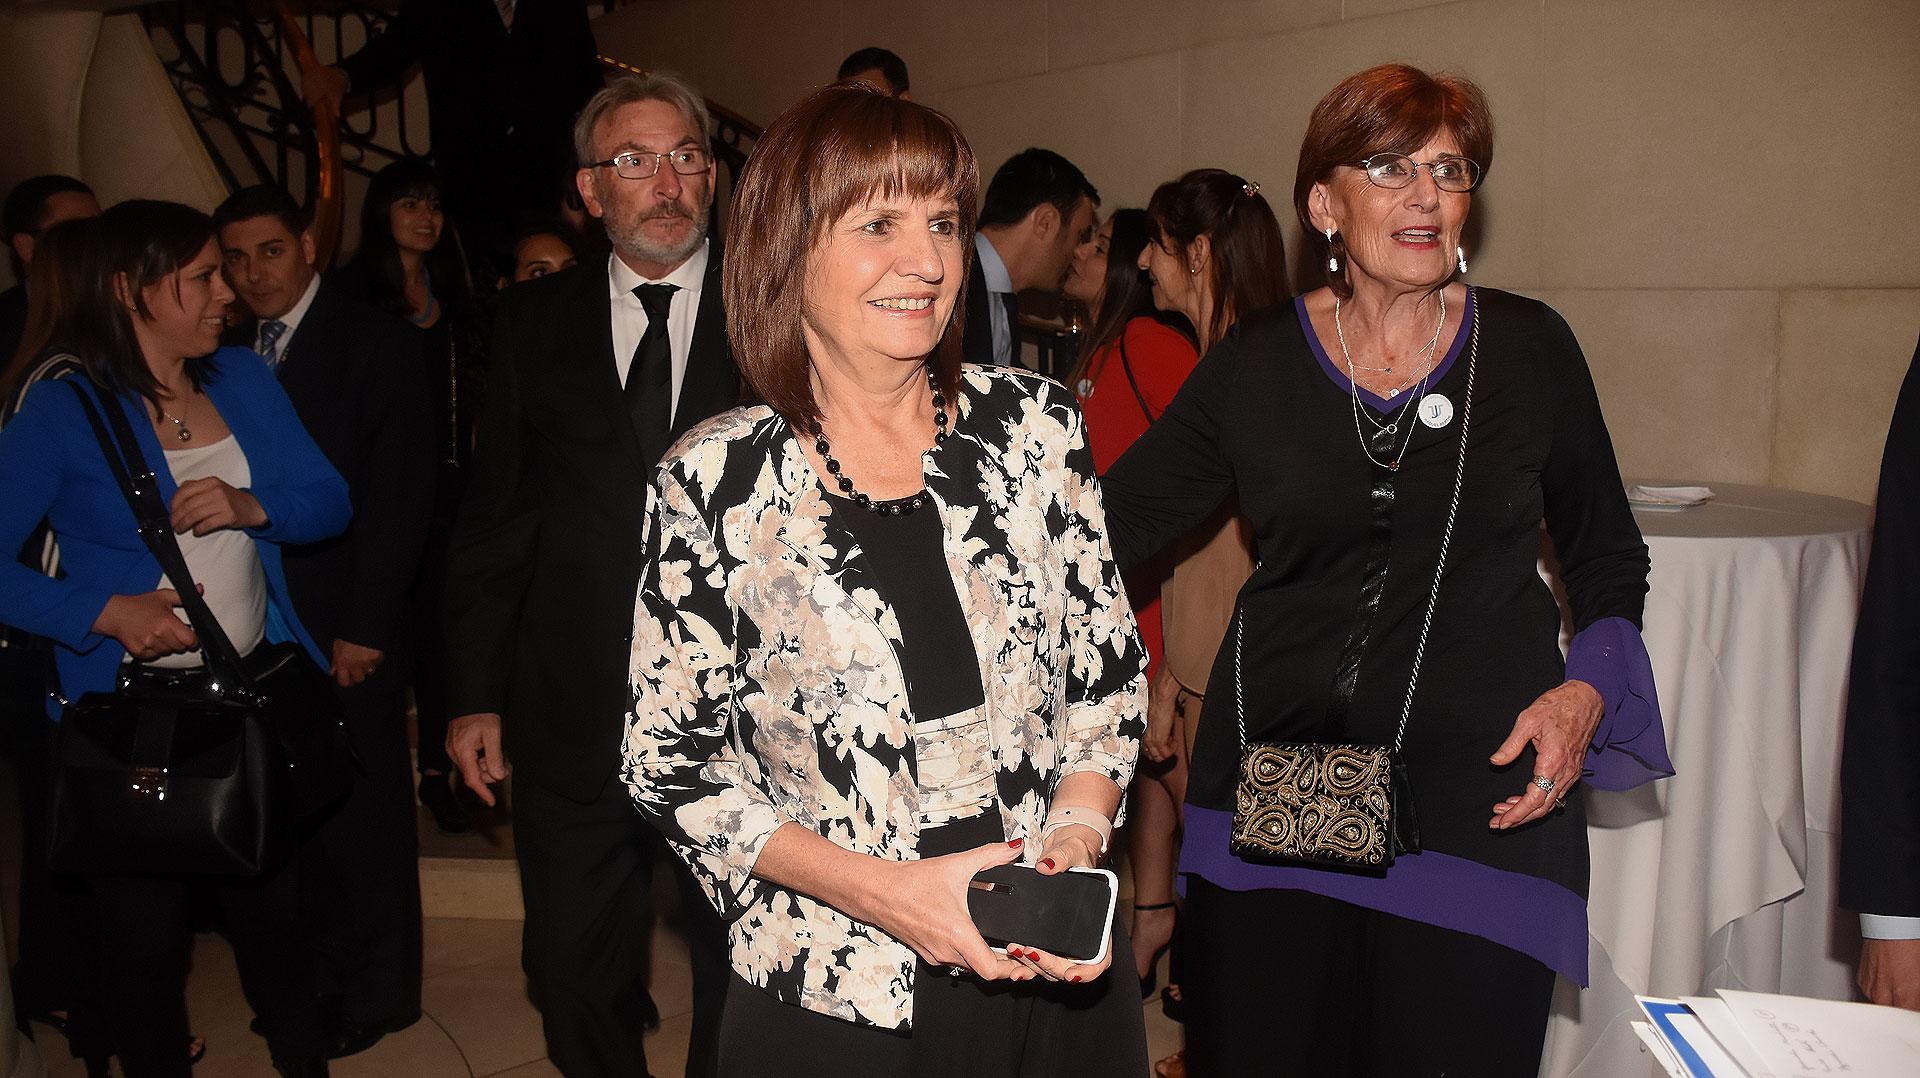 La ministra de Seguridad, Patricia Bullrich